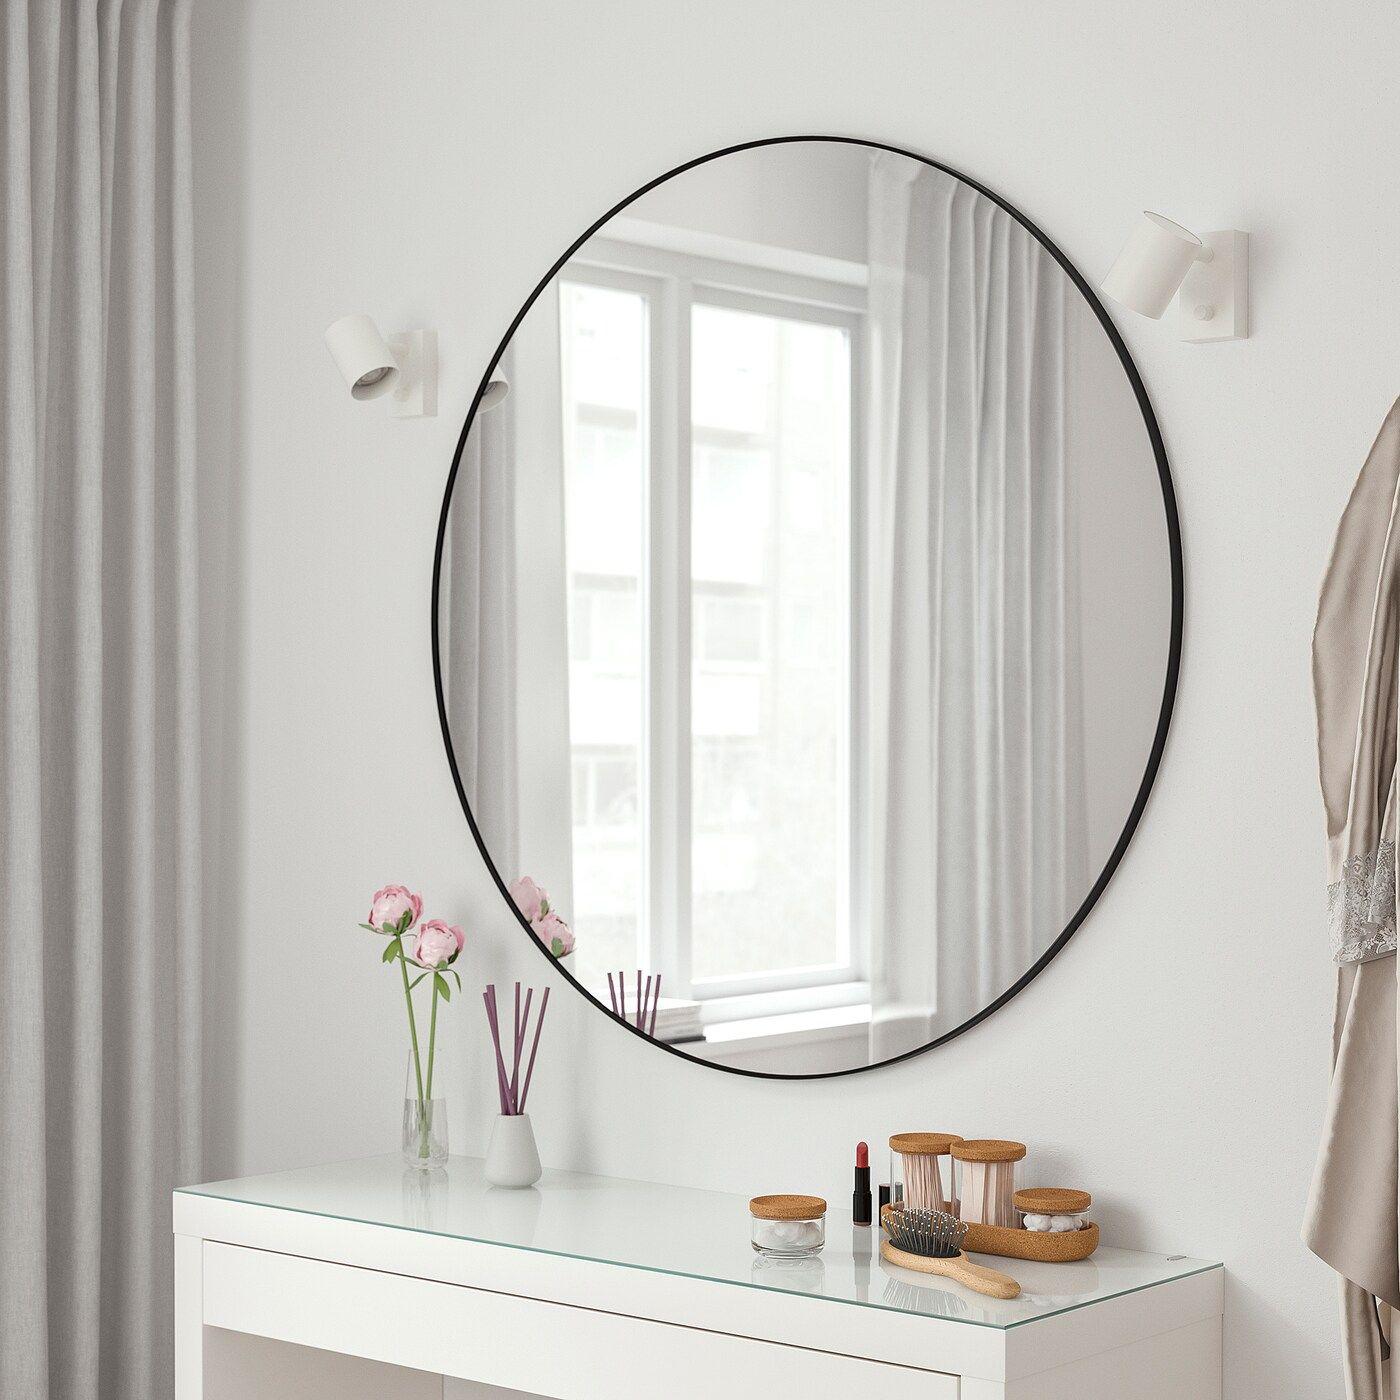 Lindbyn Spiegel Schwarz Ikea Osterreich In 2020 Runde Badezimmerspiegel Badspiegel Mit Regal Eingang Spiegel